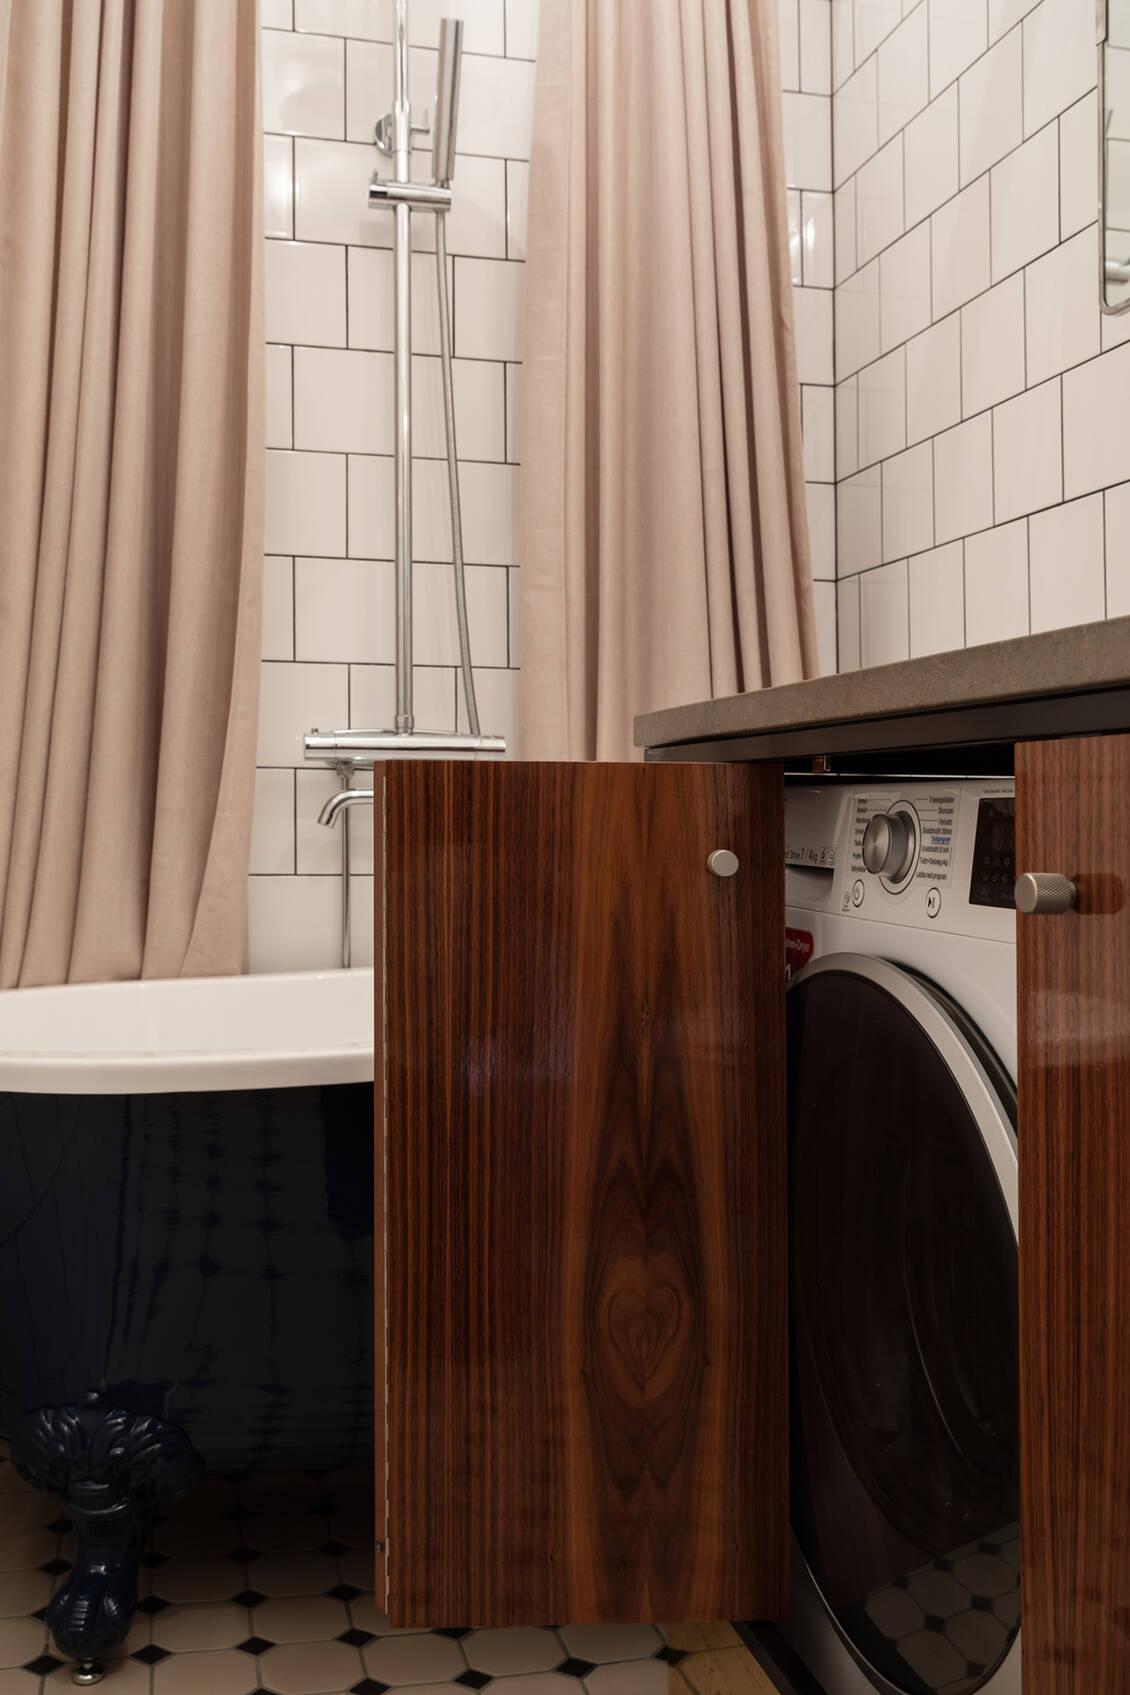 Tvättmaskinen med torkfunktion ( s.k. kombimaskin) är integrerade i kommoden.